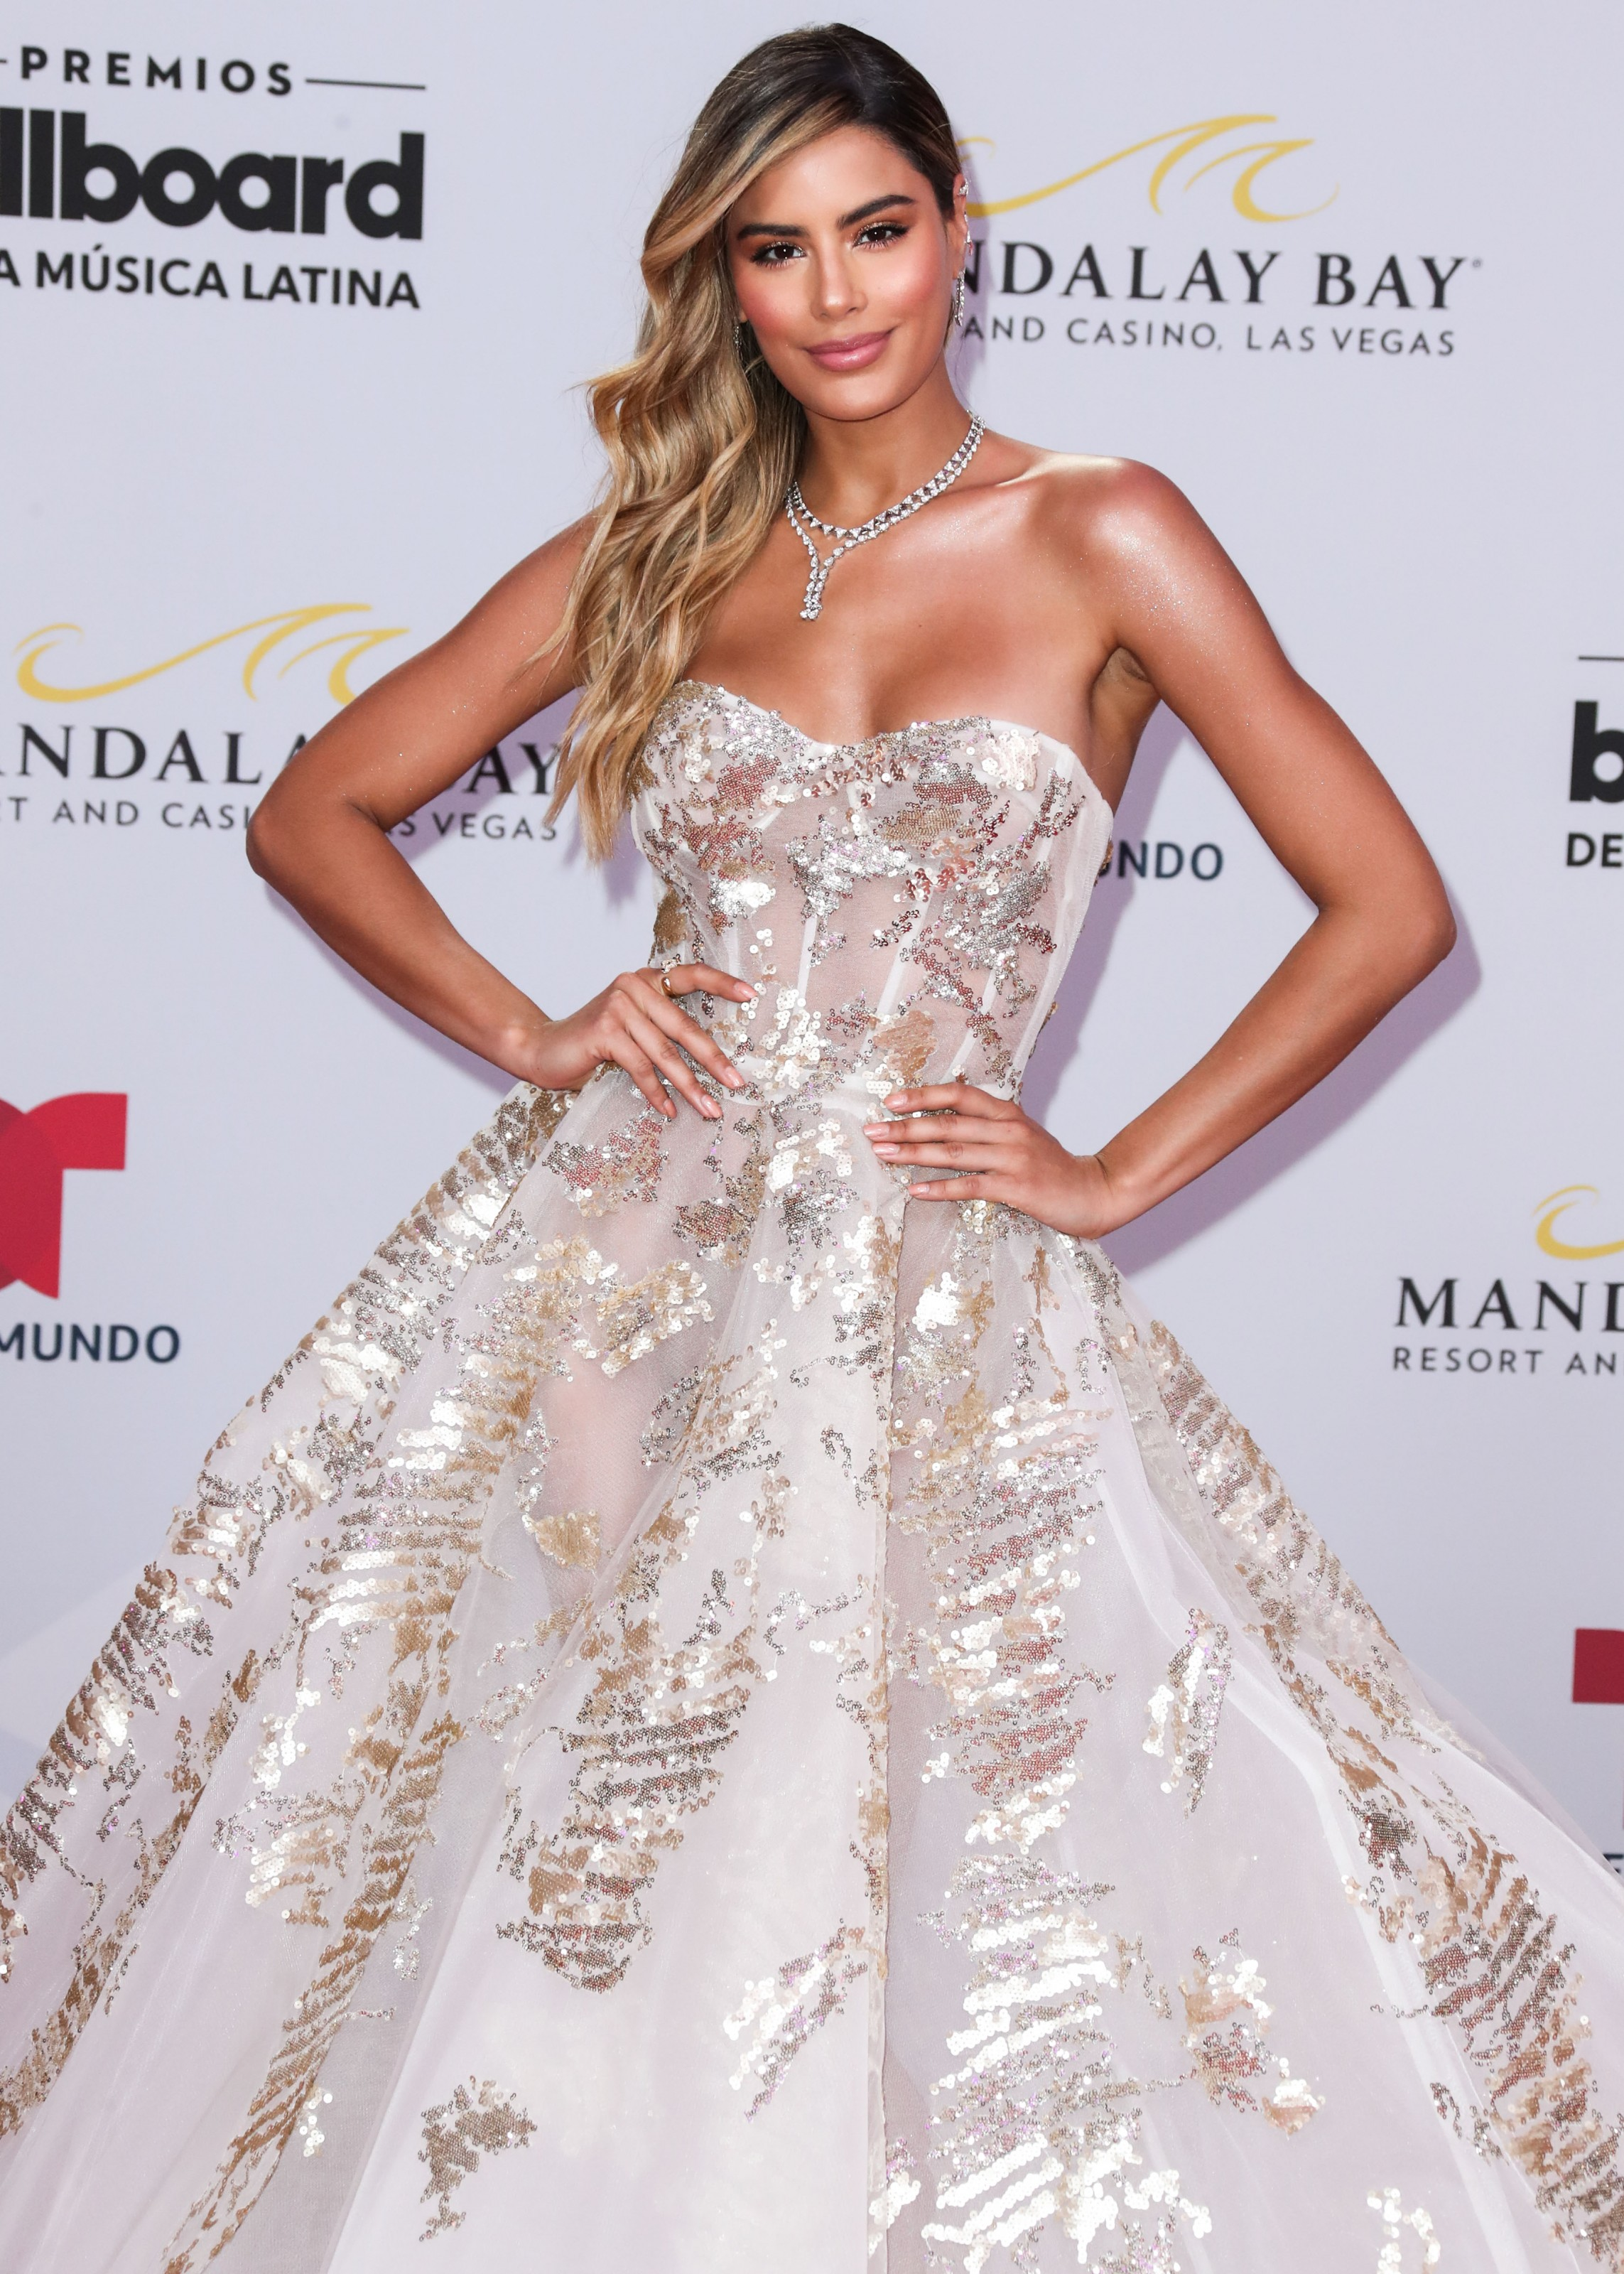 Ariadna Gutierrez (Xavier Collin/Image Press Agency / MEGA)